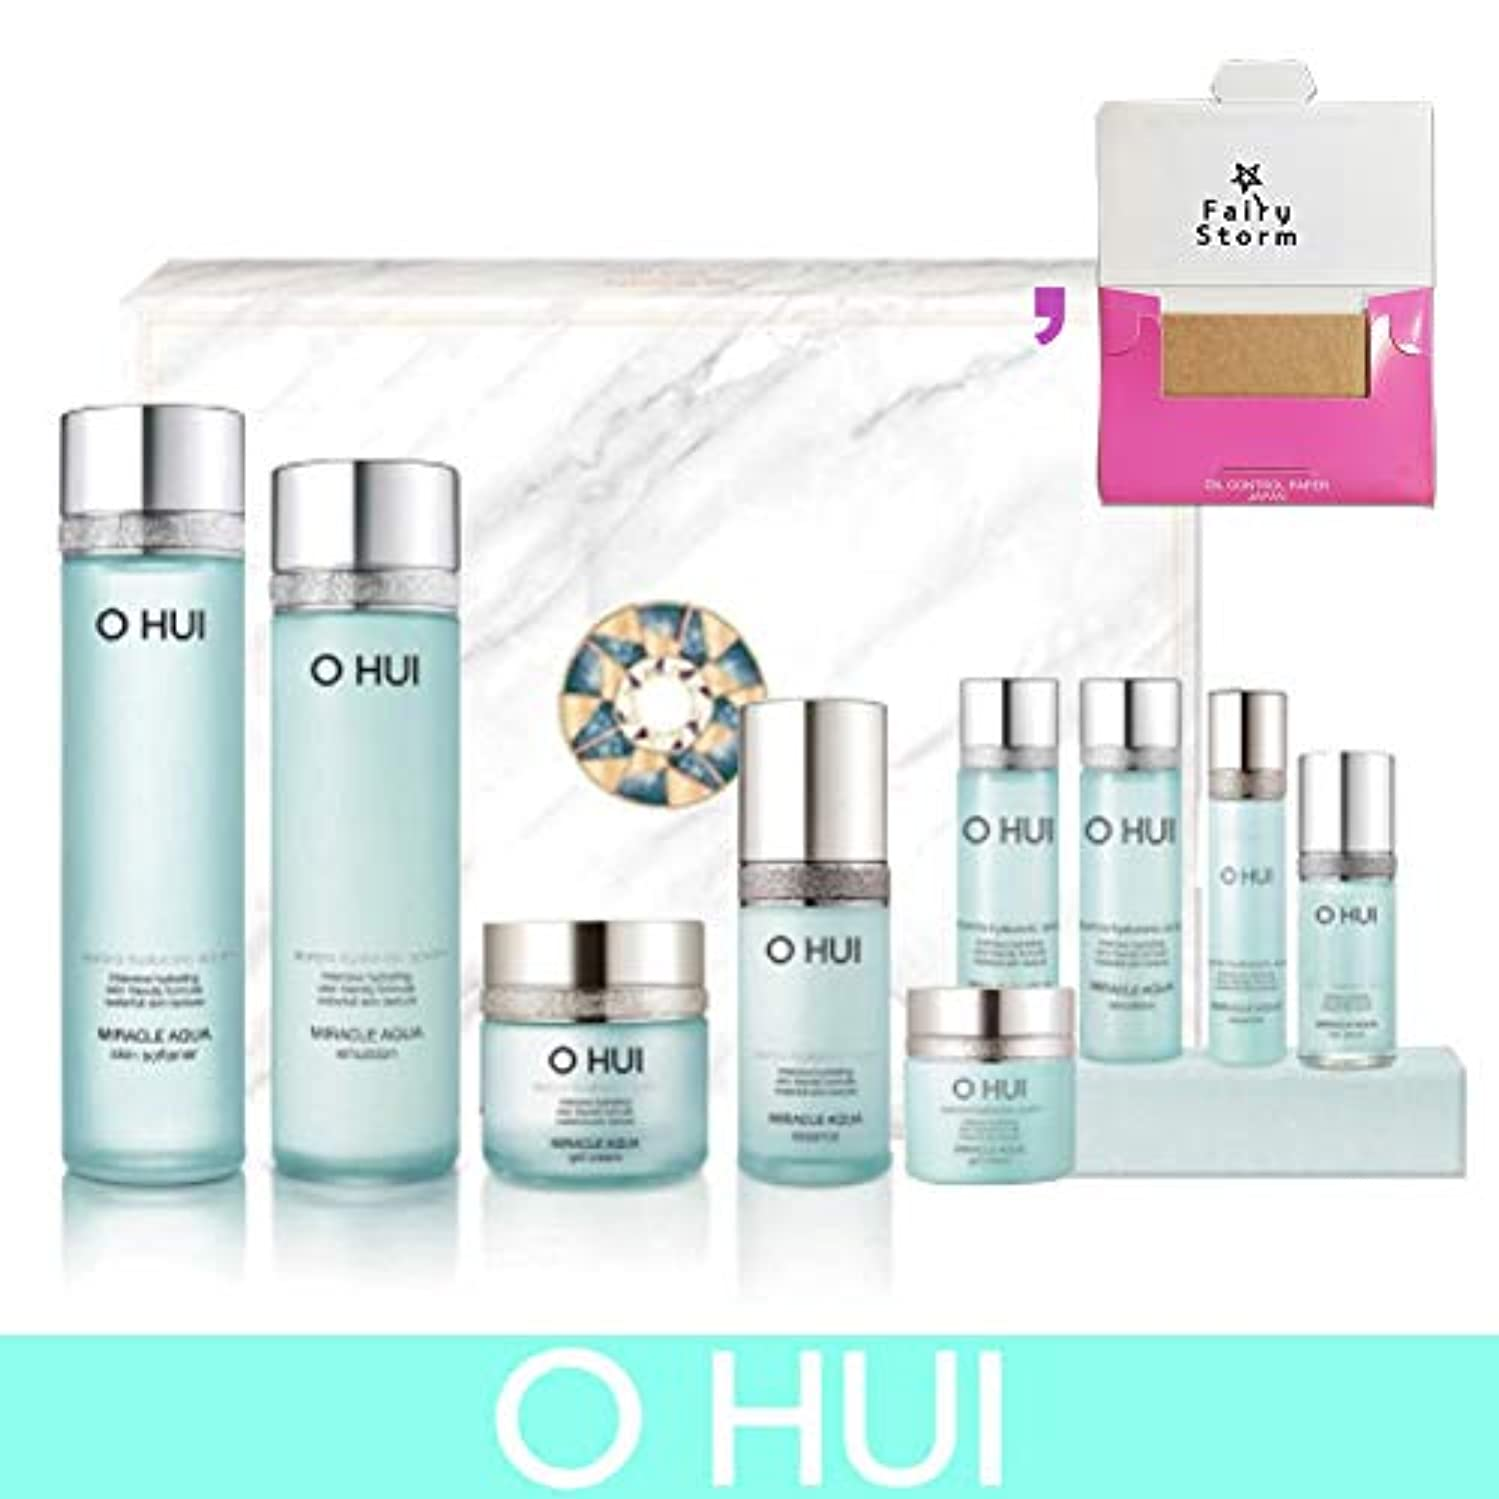 掘る実行する定規[オフィ/O HUI]韓国化粧品 LG生活健康/O HUI MIRACLE AQUA SPECIAL 4EA SET/ミラクル アクア 4種セット + [Sample Gift](海外直送品)